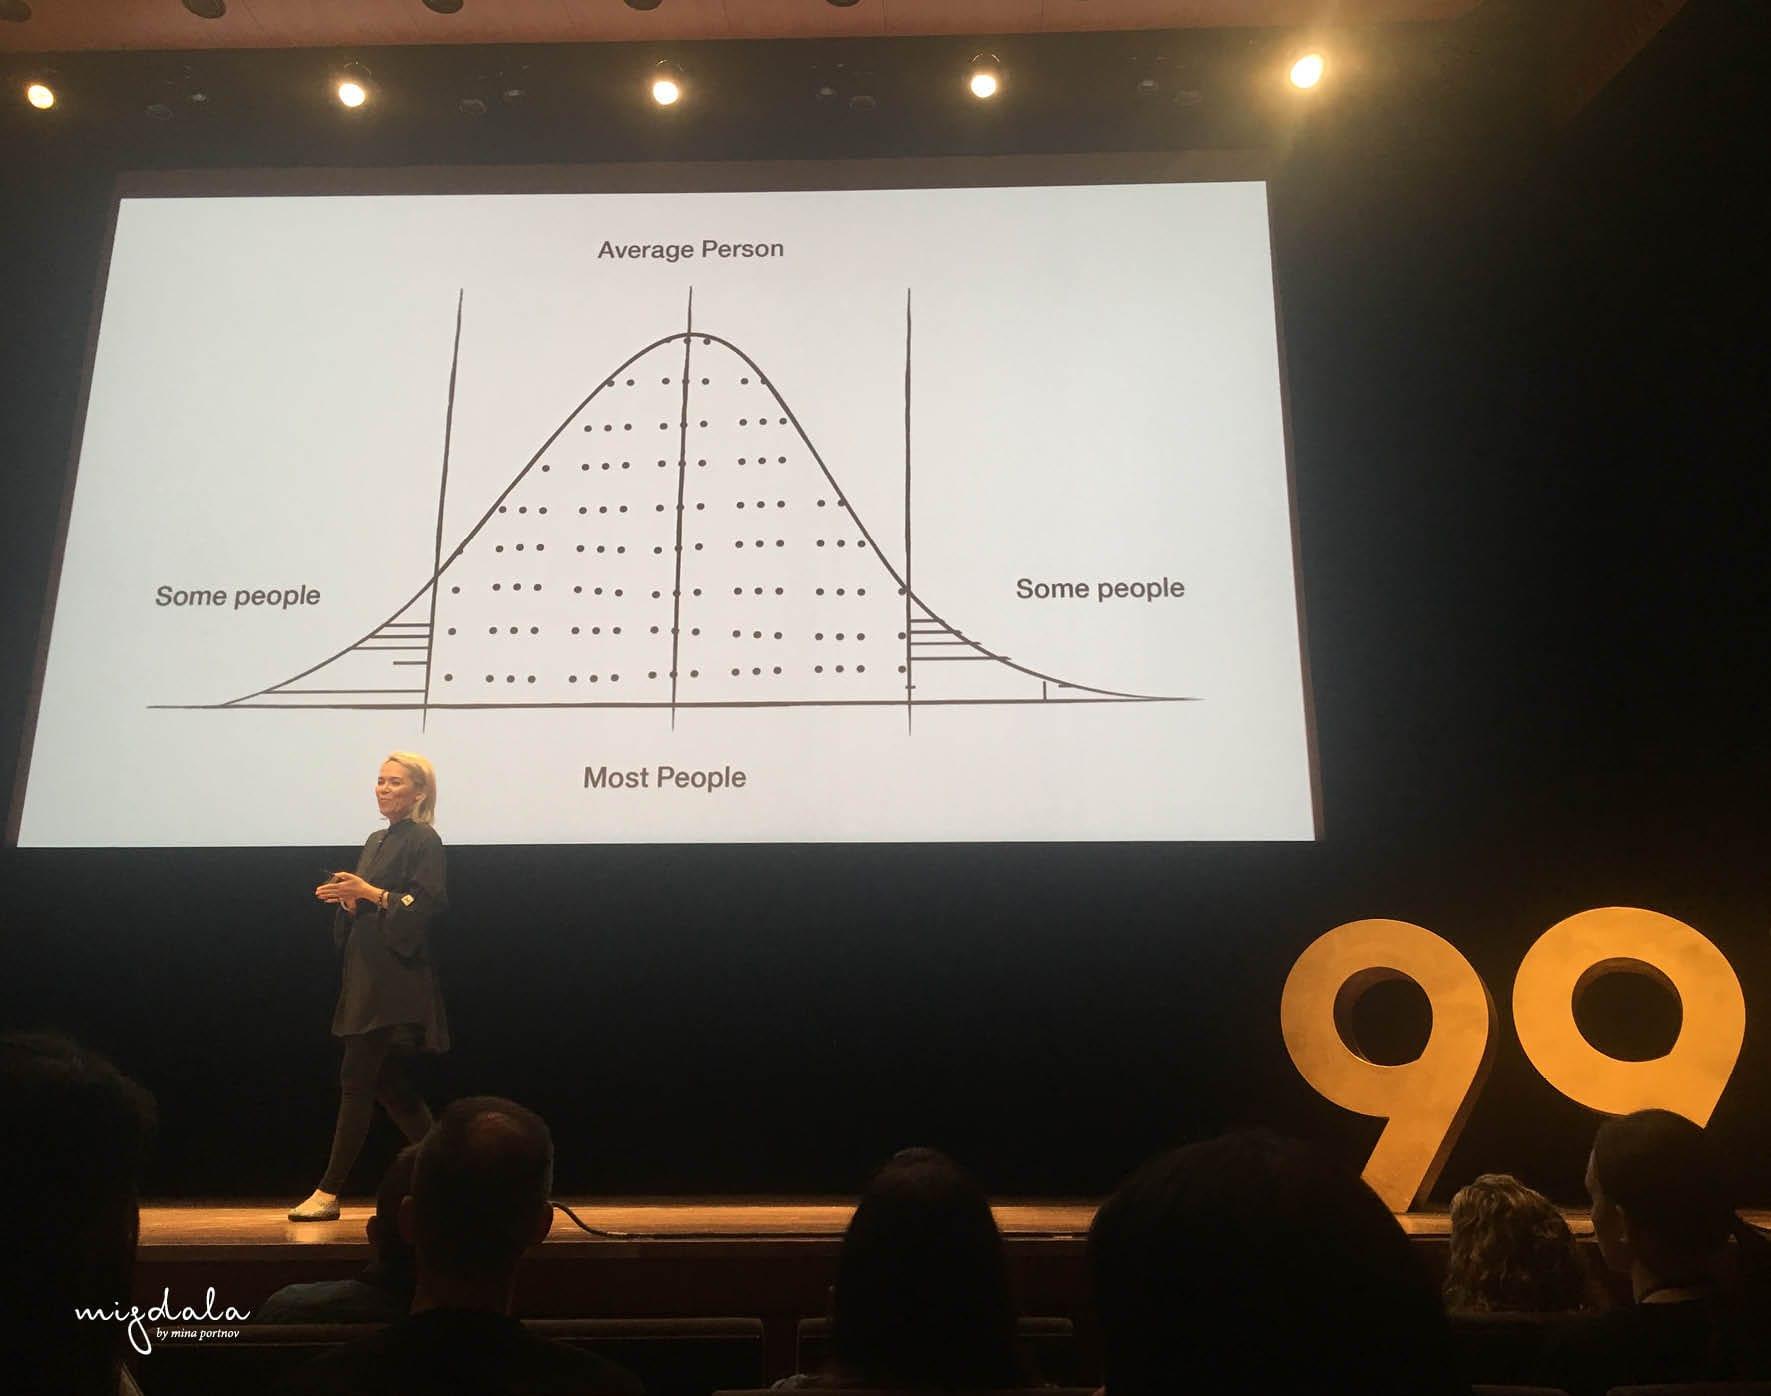 עקומת האדם הממוצע של בל, מתוך הרצאה של קאט הולמס, כנס 99U